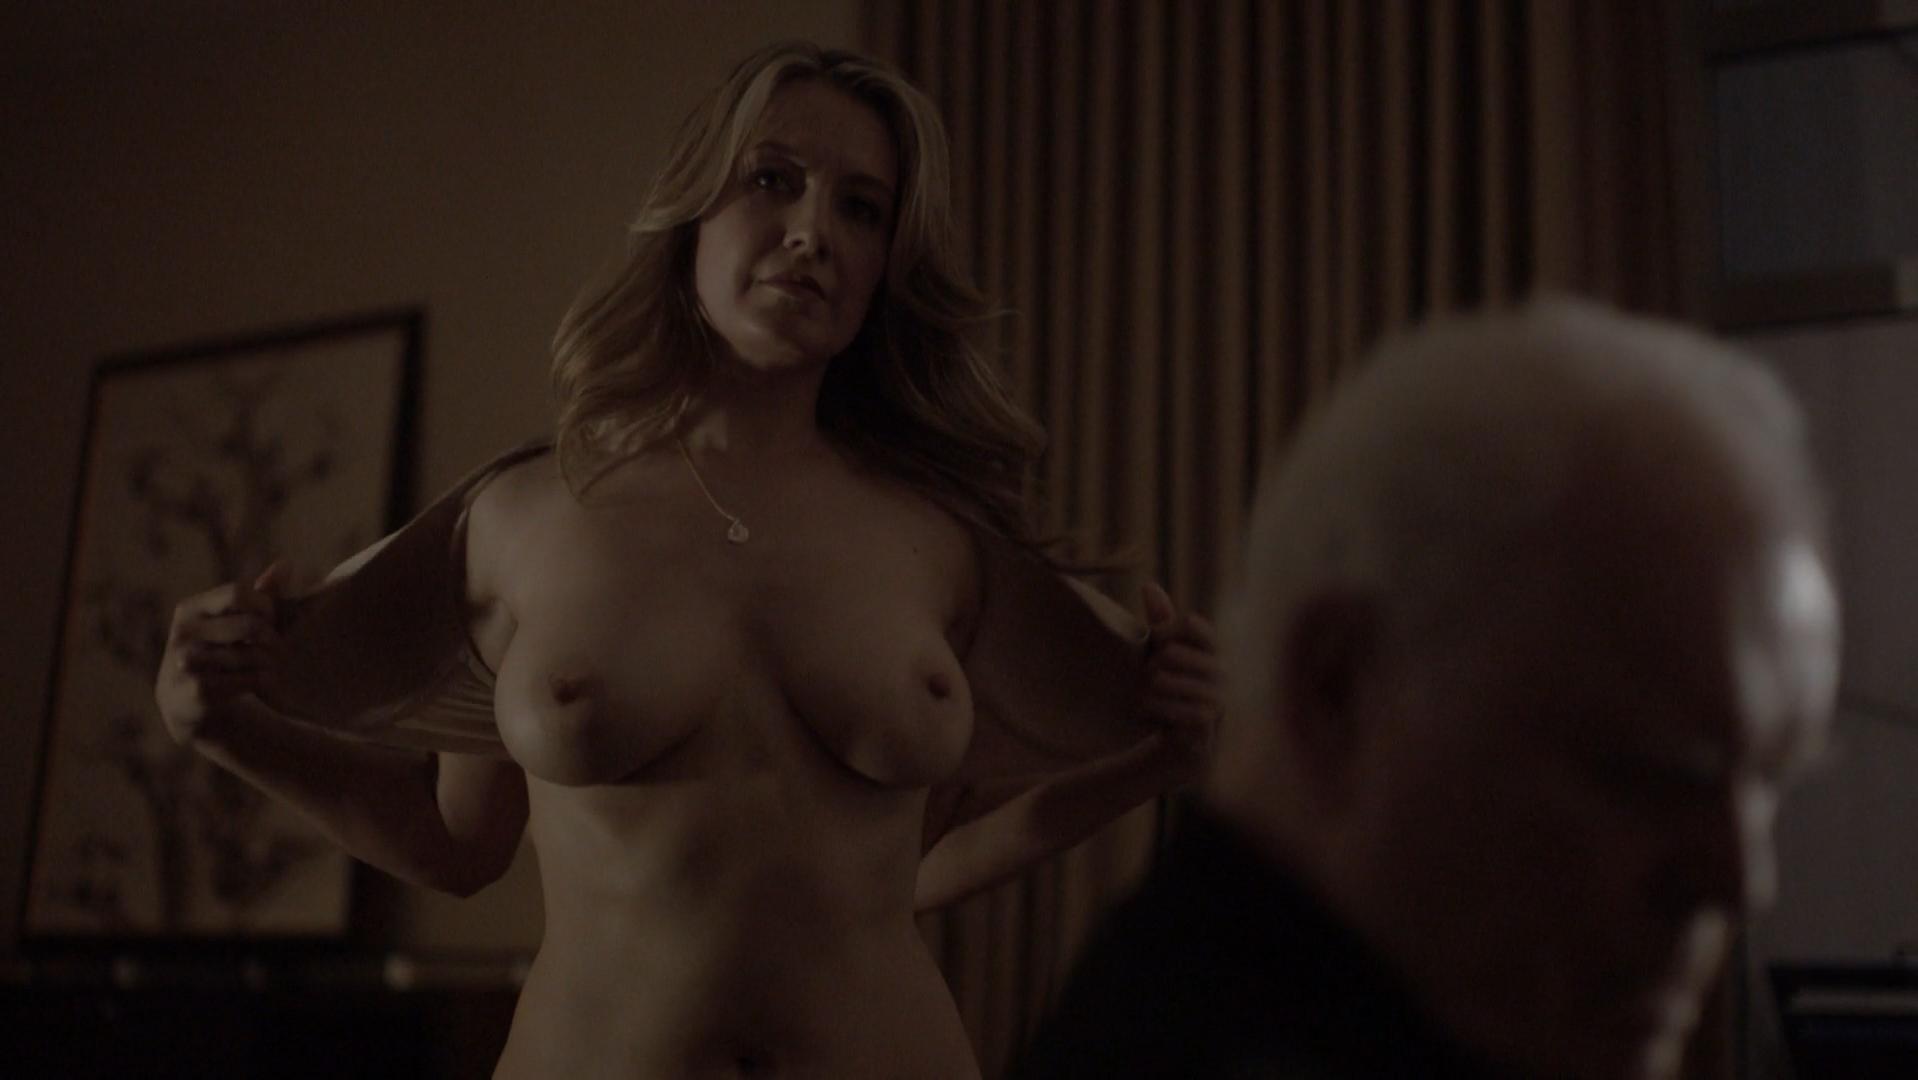 Kathleen robertson topless - 1 part 9